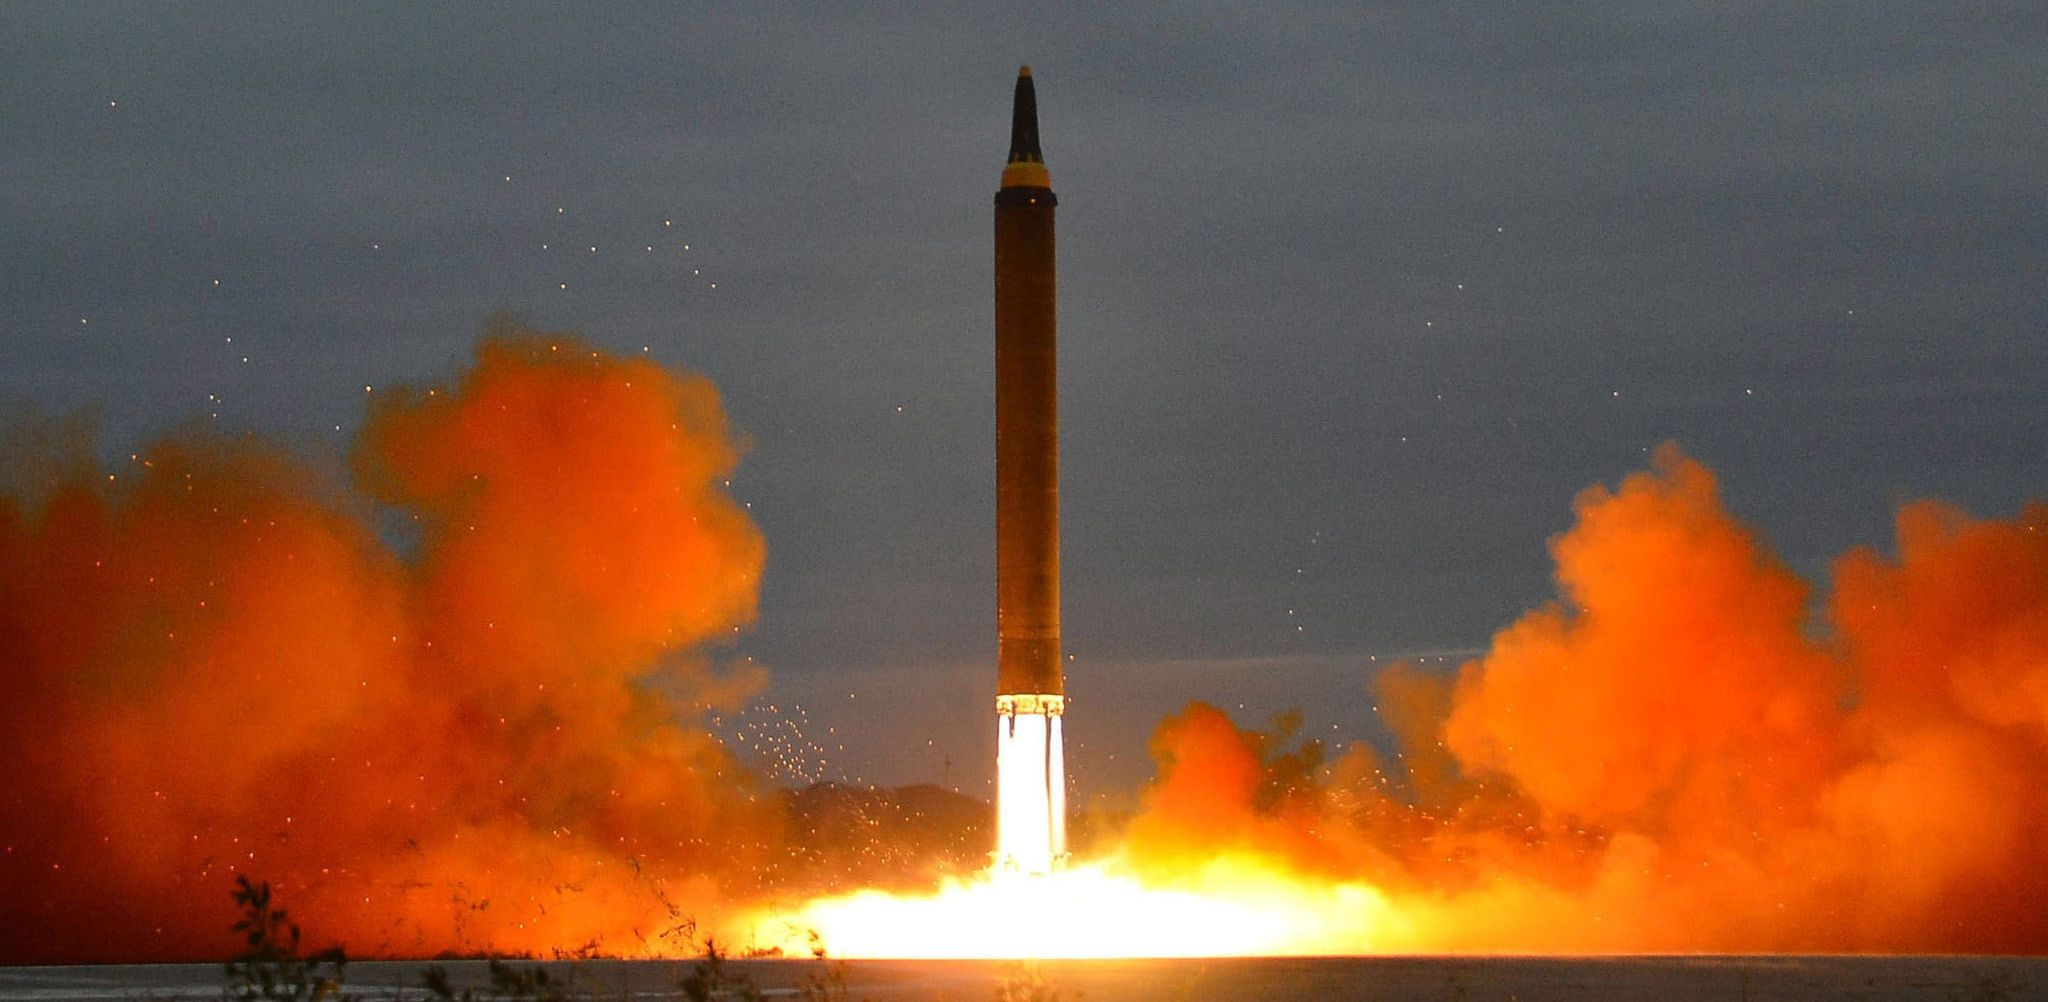 Rusija je spremna surađivati sa Sjevernom Korejom na rješavanju krize s projektilima